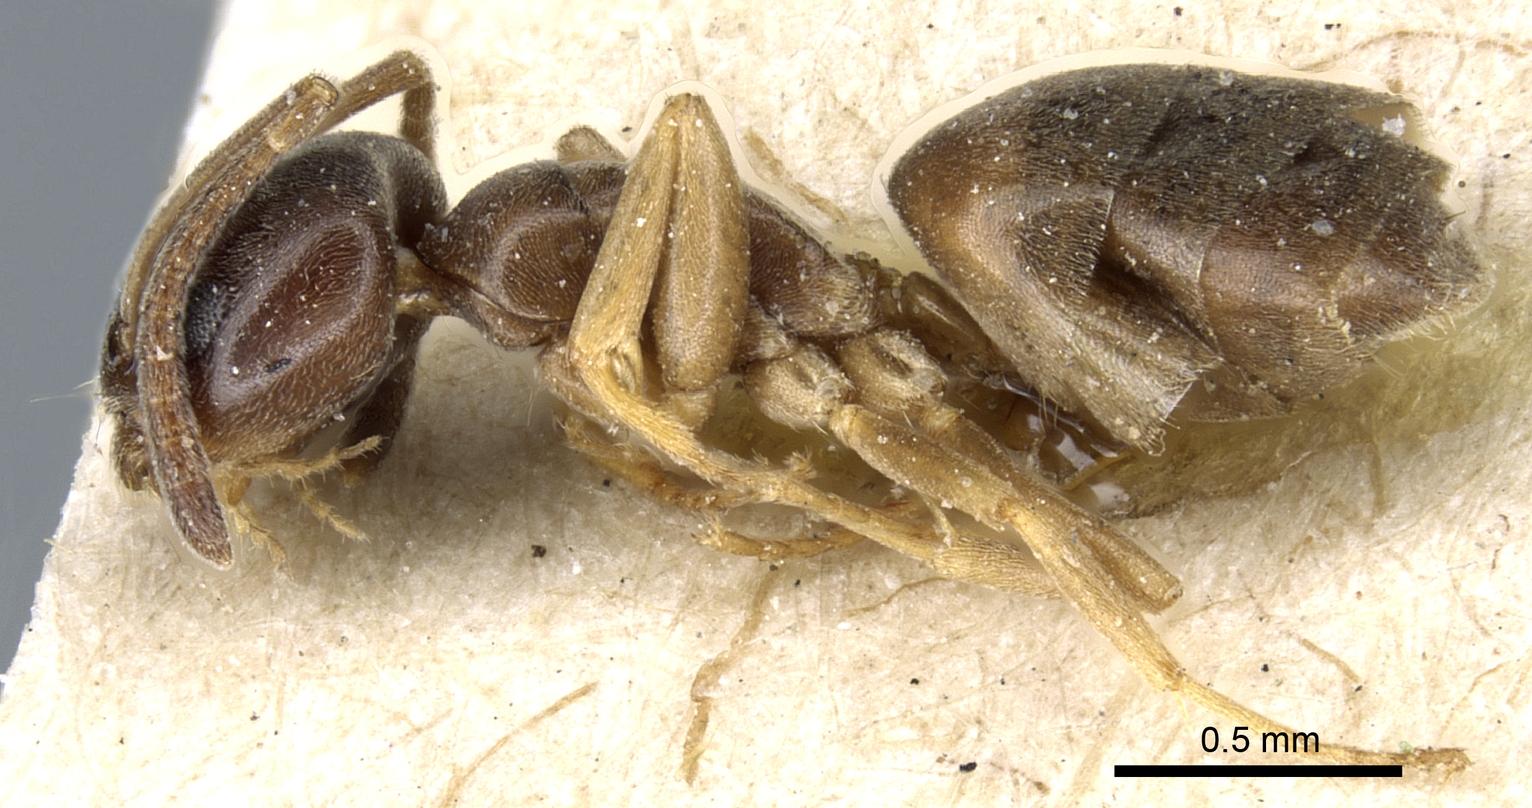 Image of Tapinoma sinense